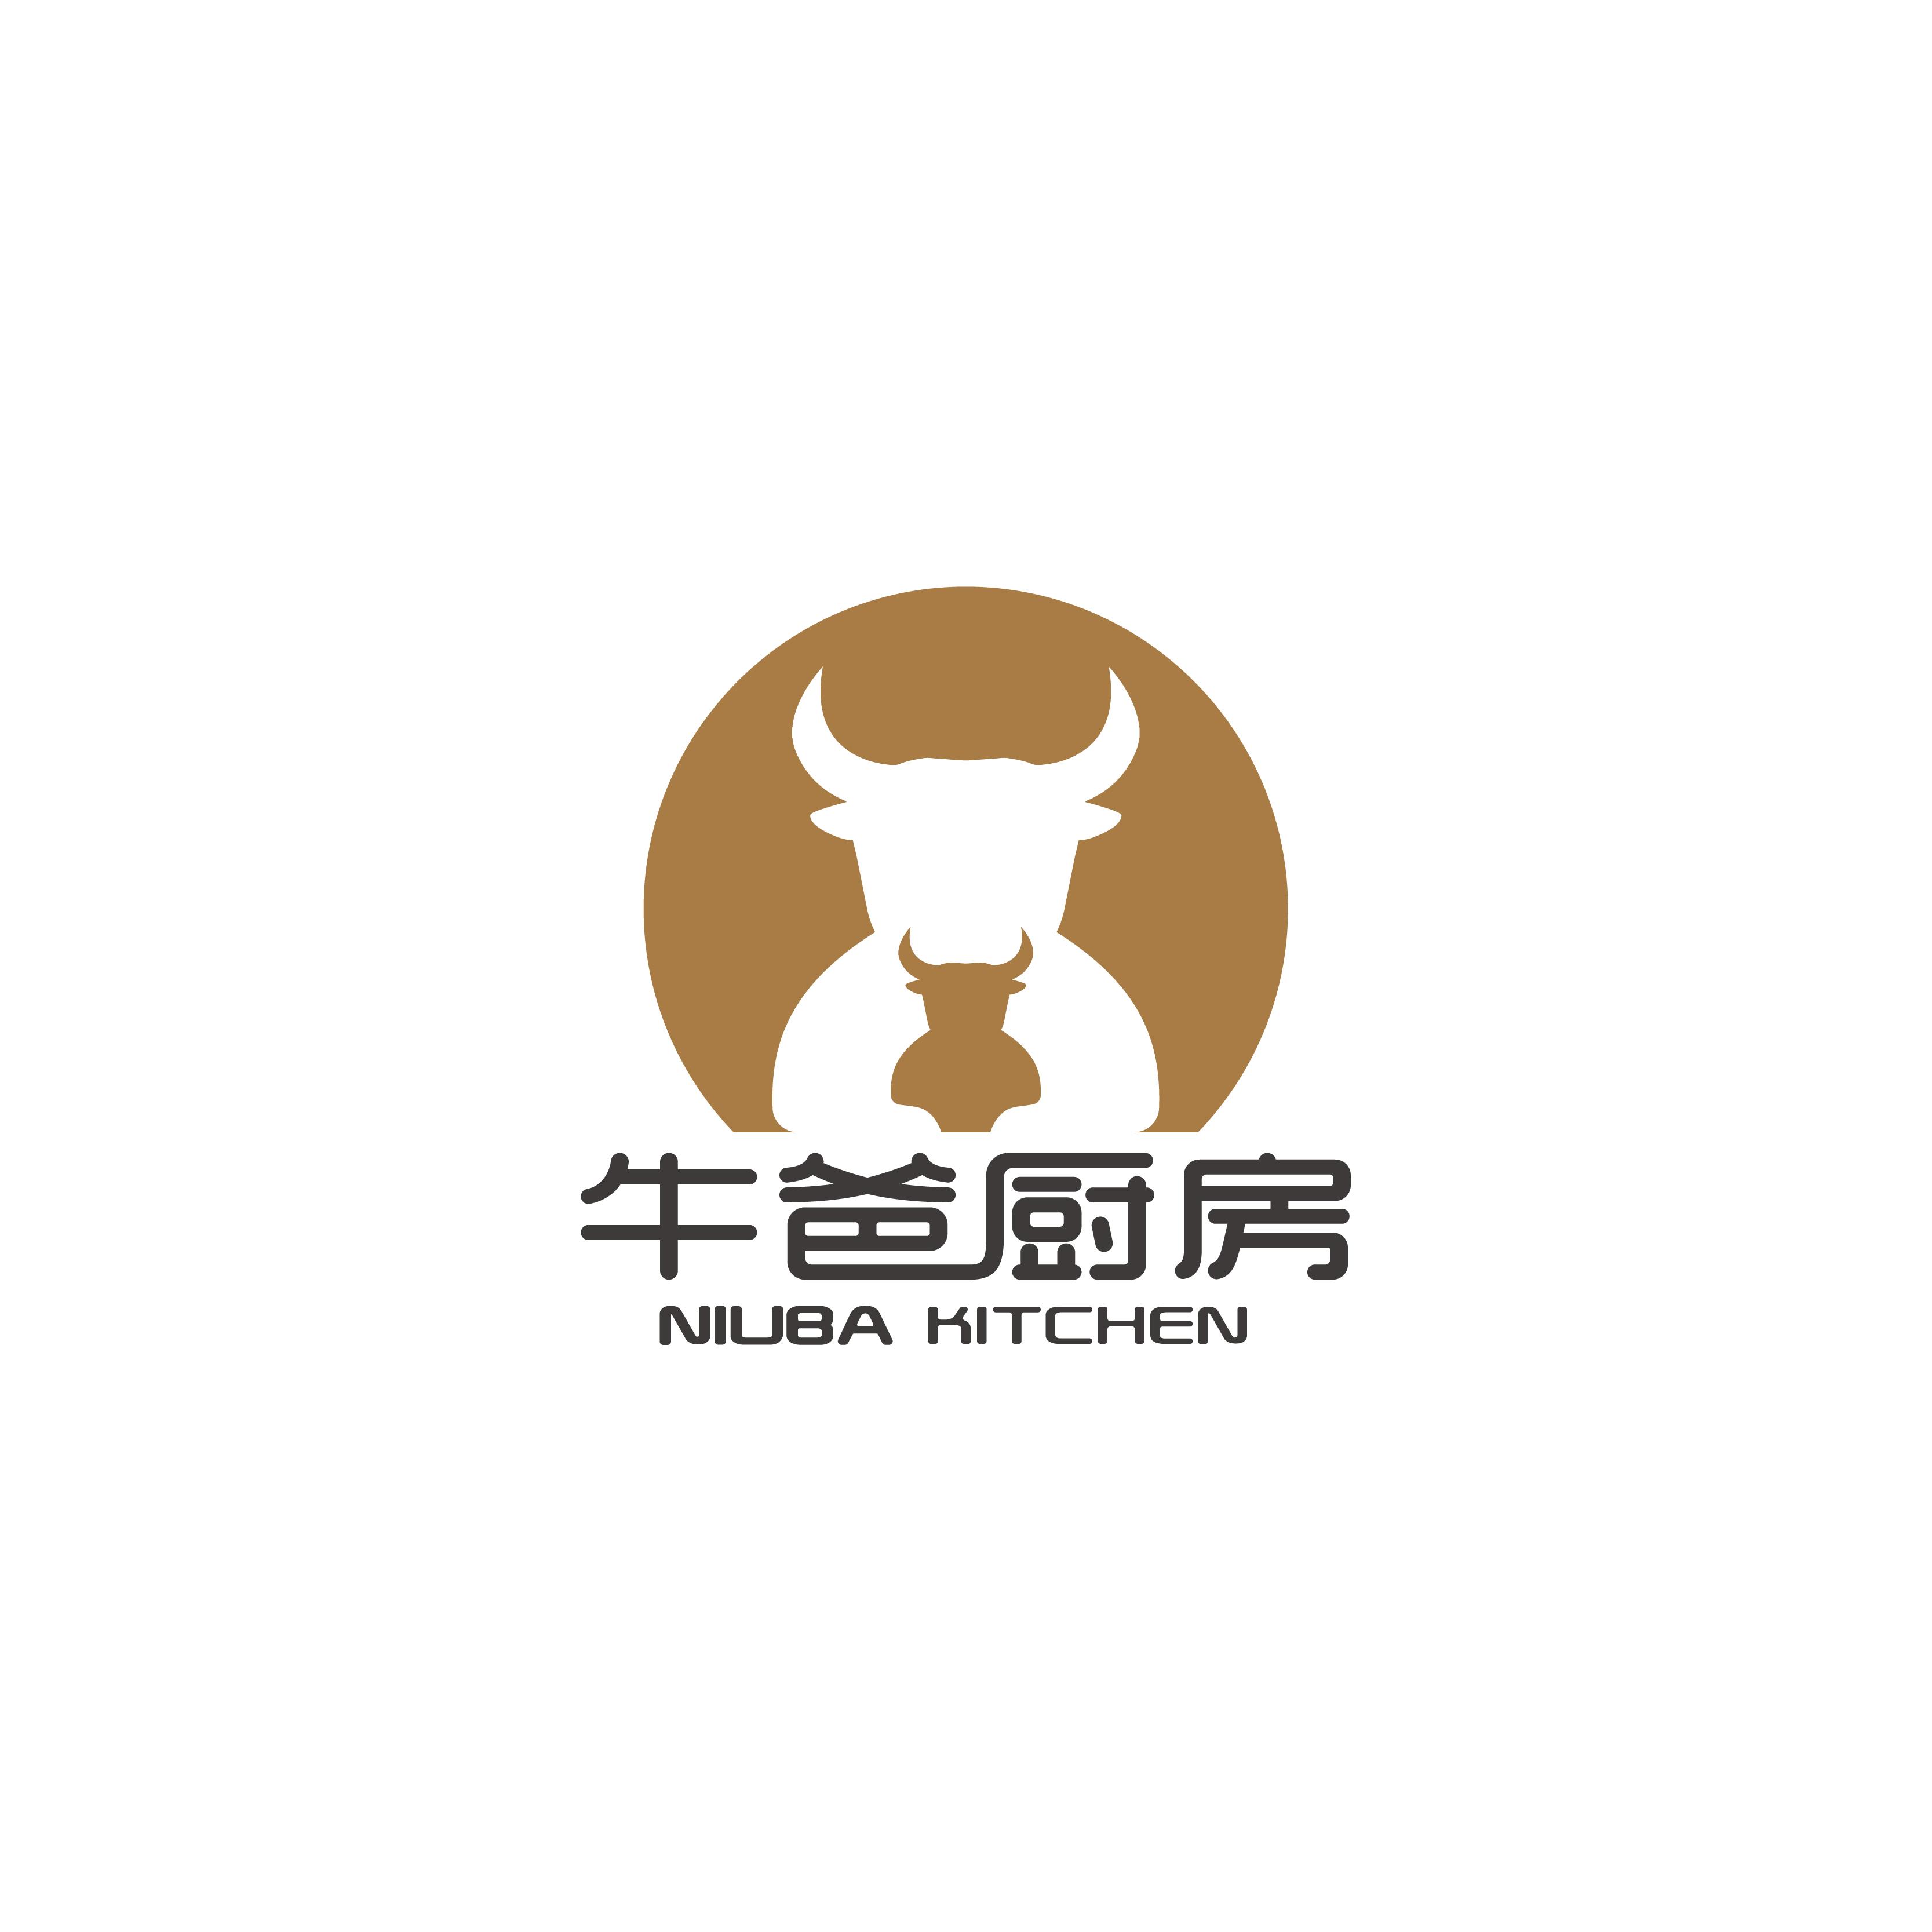 永輝牛爸廚房LOGO設計